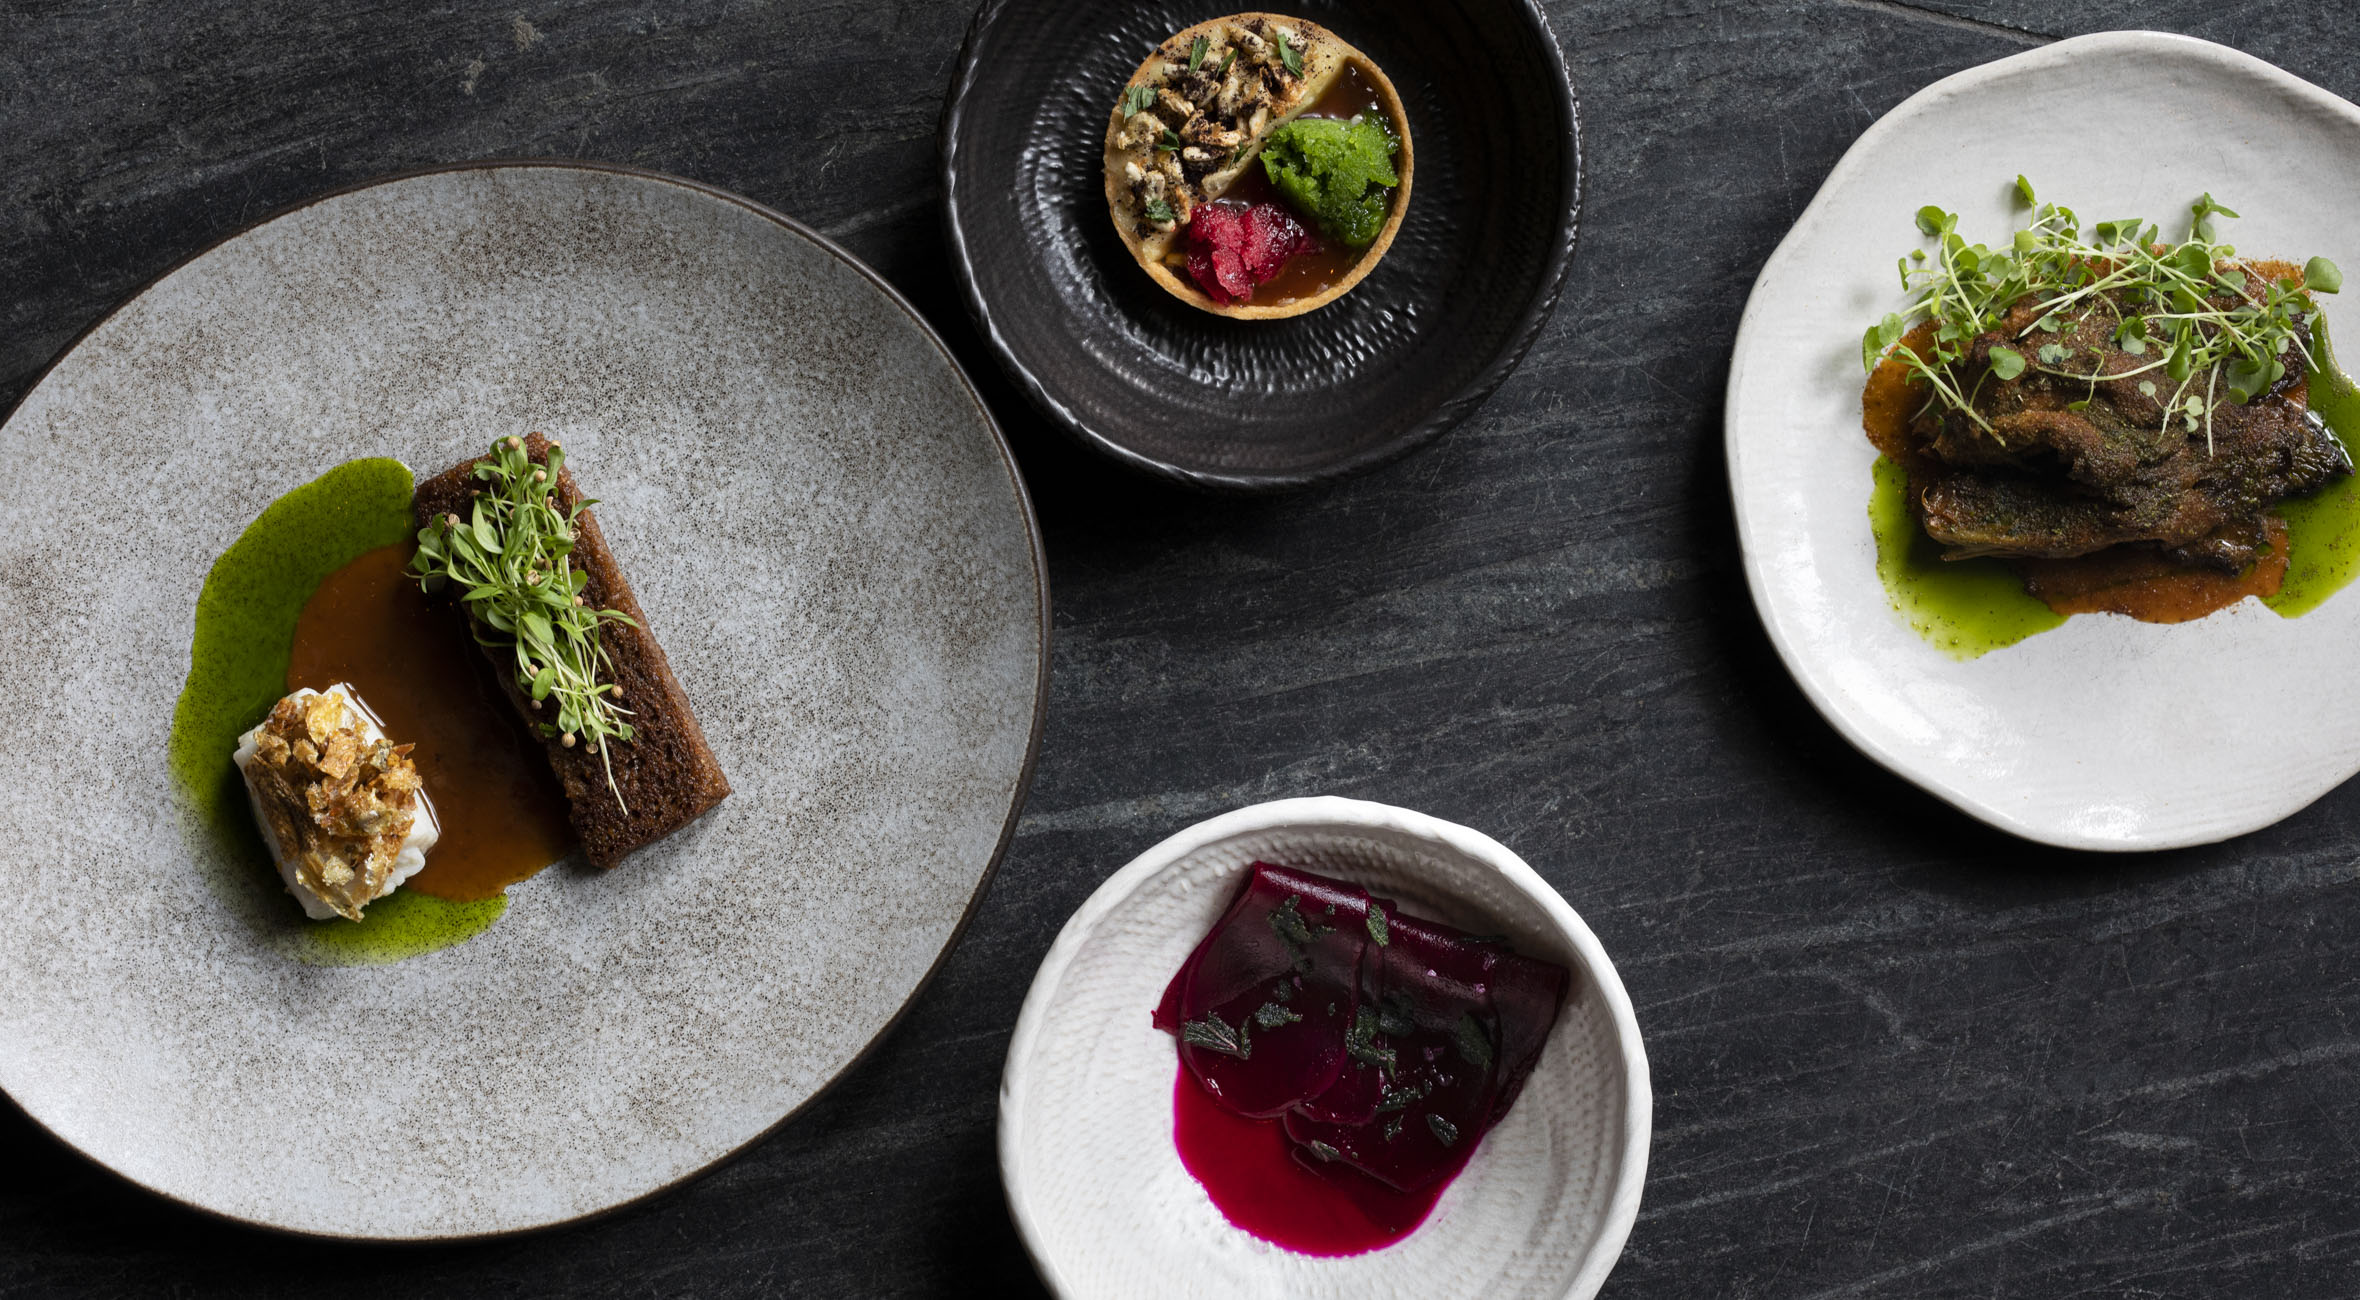 6-retters menu hos VAGO på Vesterbro – Ny bæredygtig restaurant er åbnet med drivhus og vilde planter